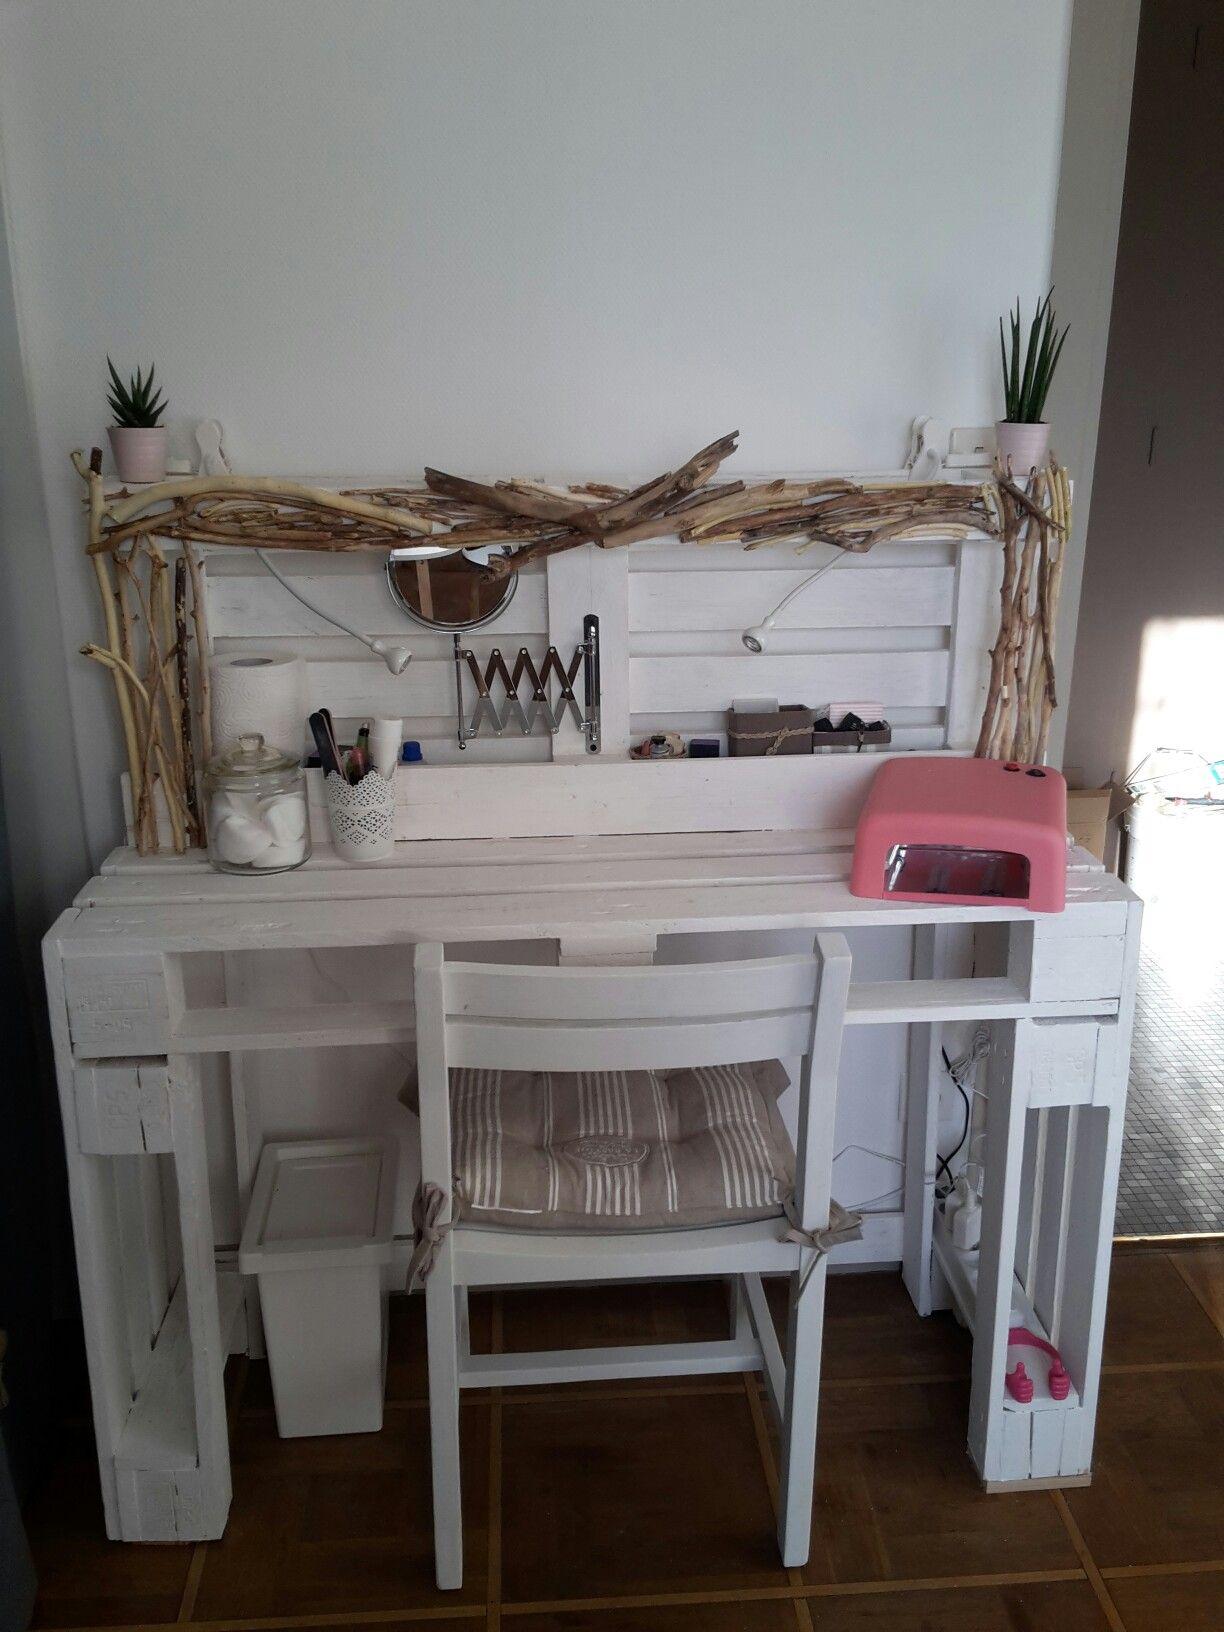 pingl par marie gouriou sur coiffeuse palette pinterest coiffeur deco chambre et bureau. Black Bedroom Furniture Sets. Home Design Ideas